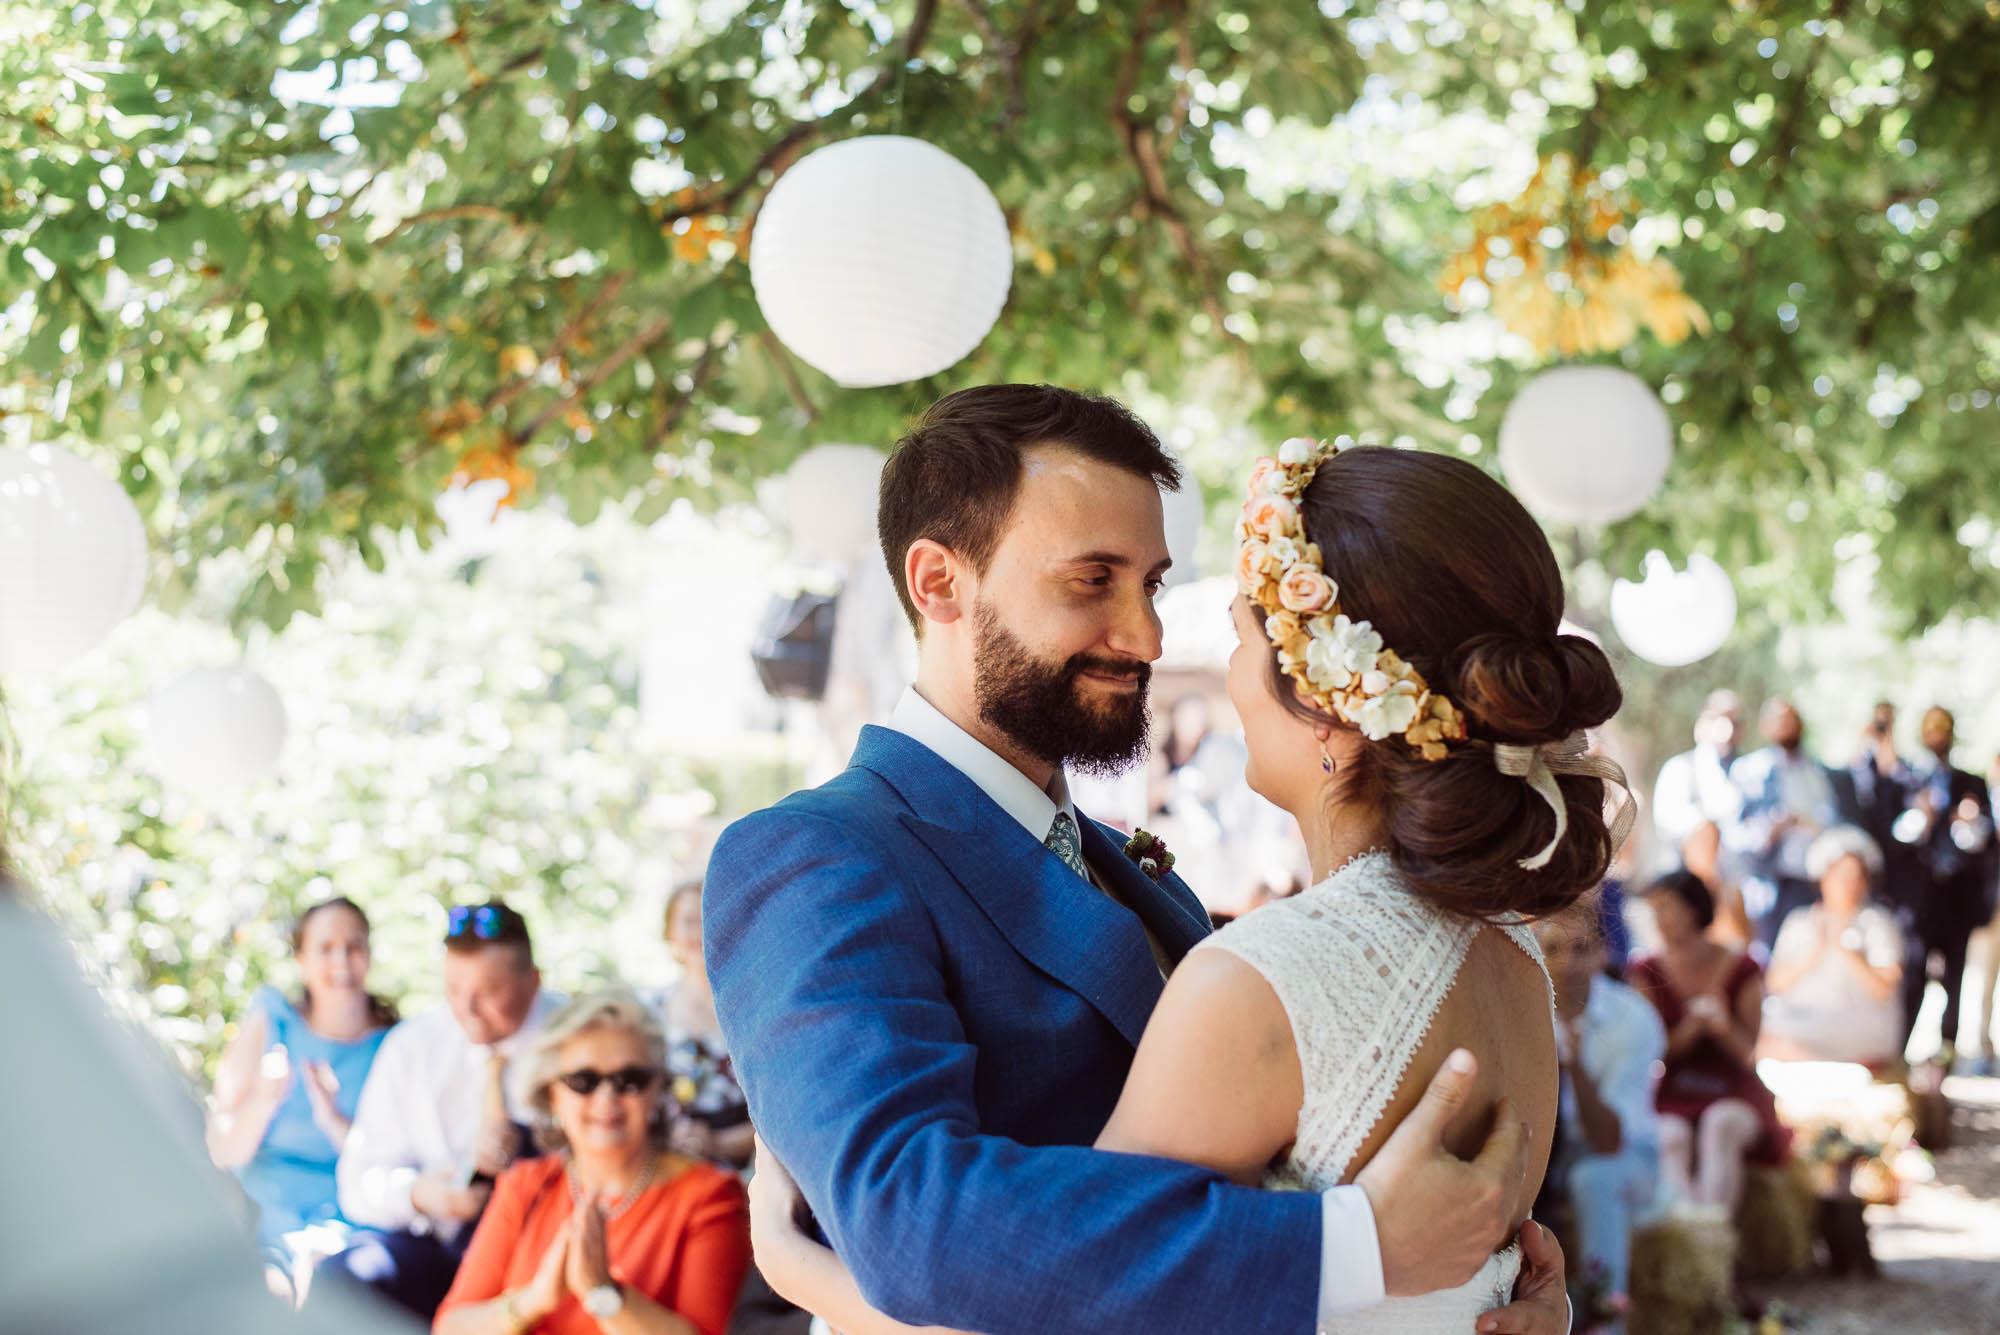 El novio enamorado mira a la novia durante la boda